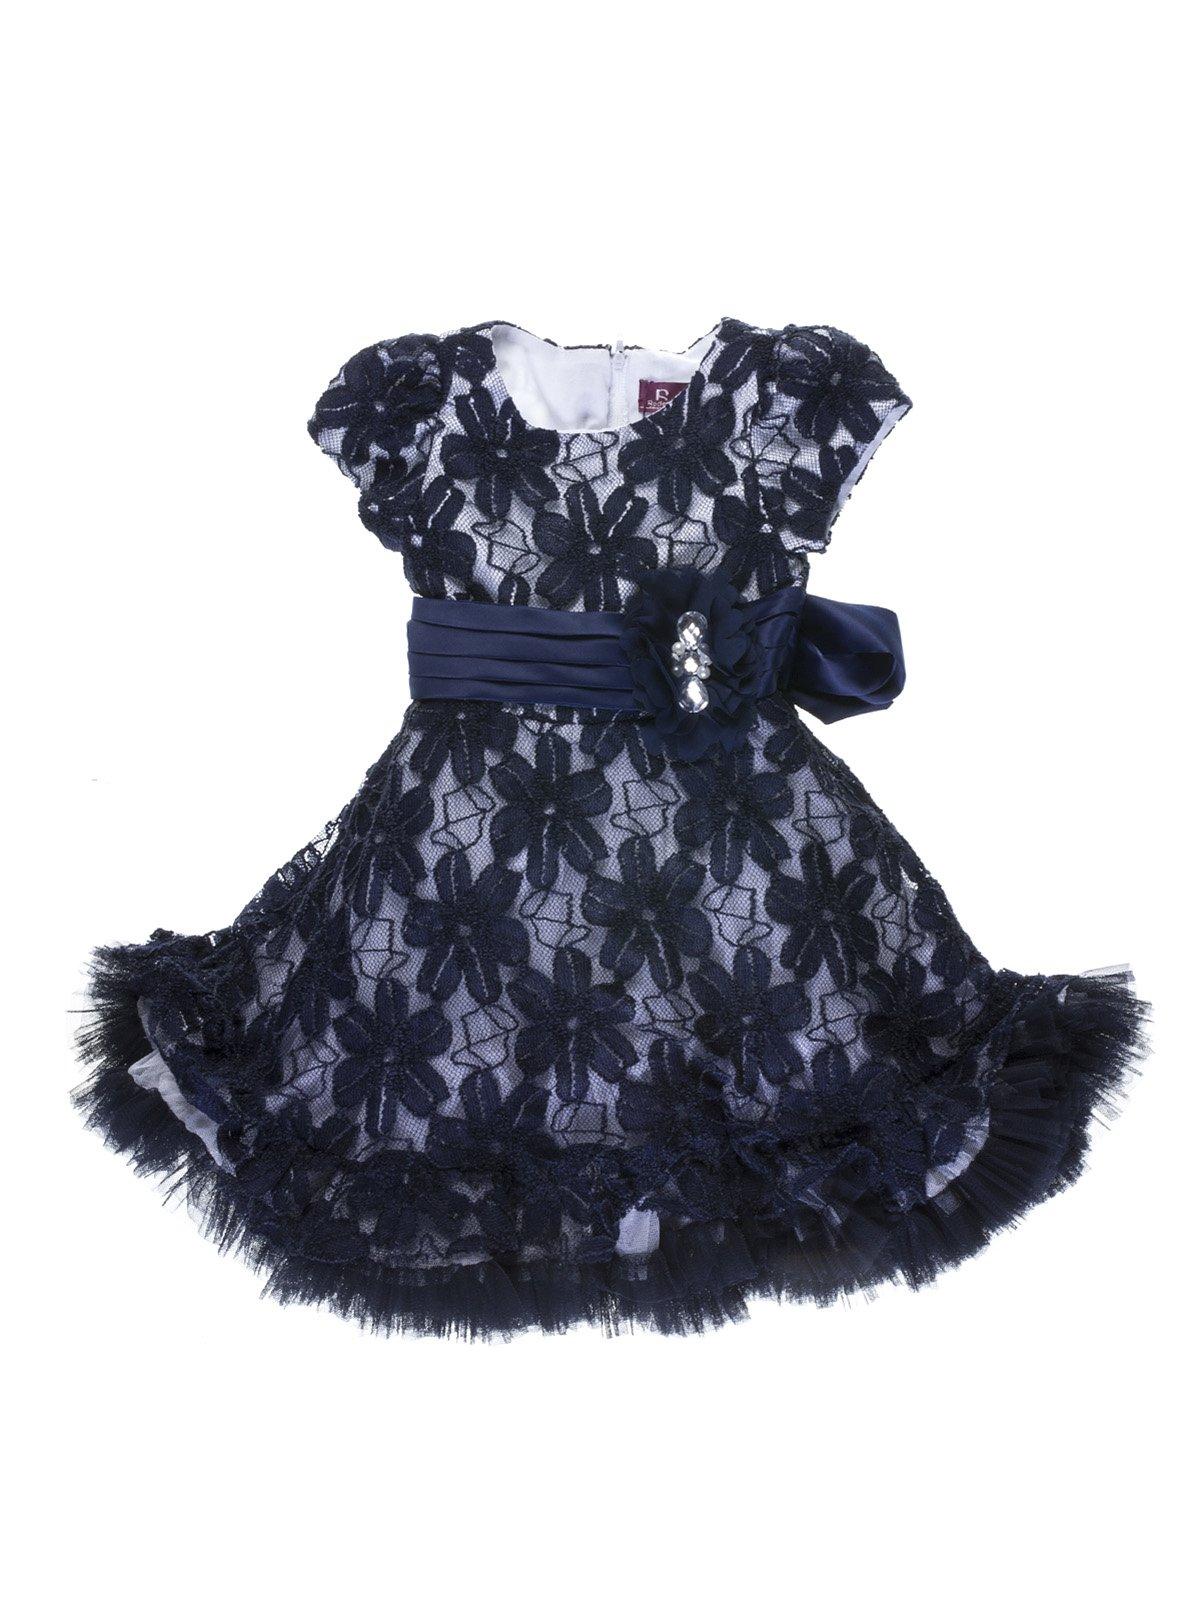 Платье сине-белое гипюровое | 755072